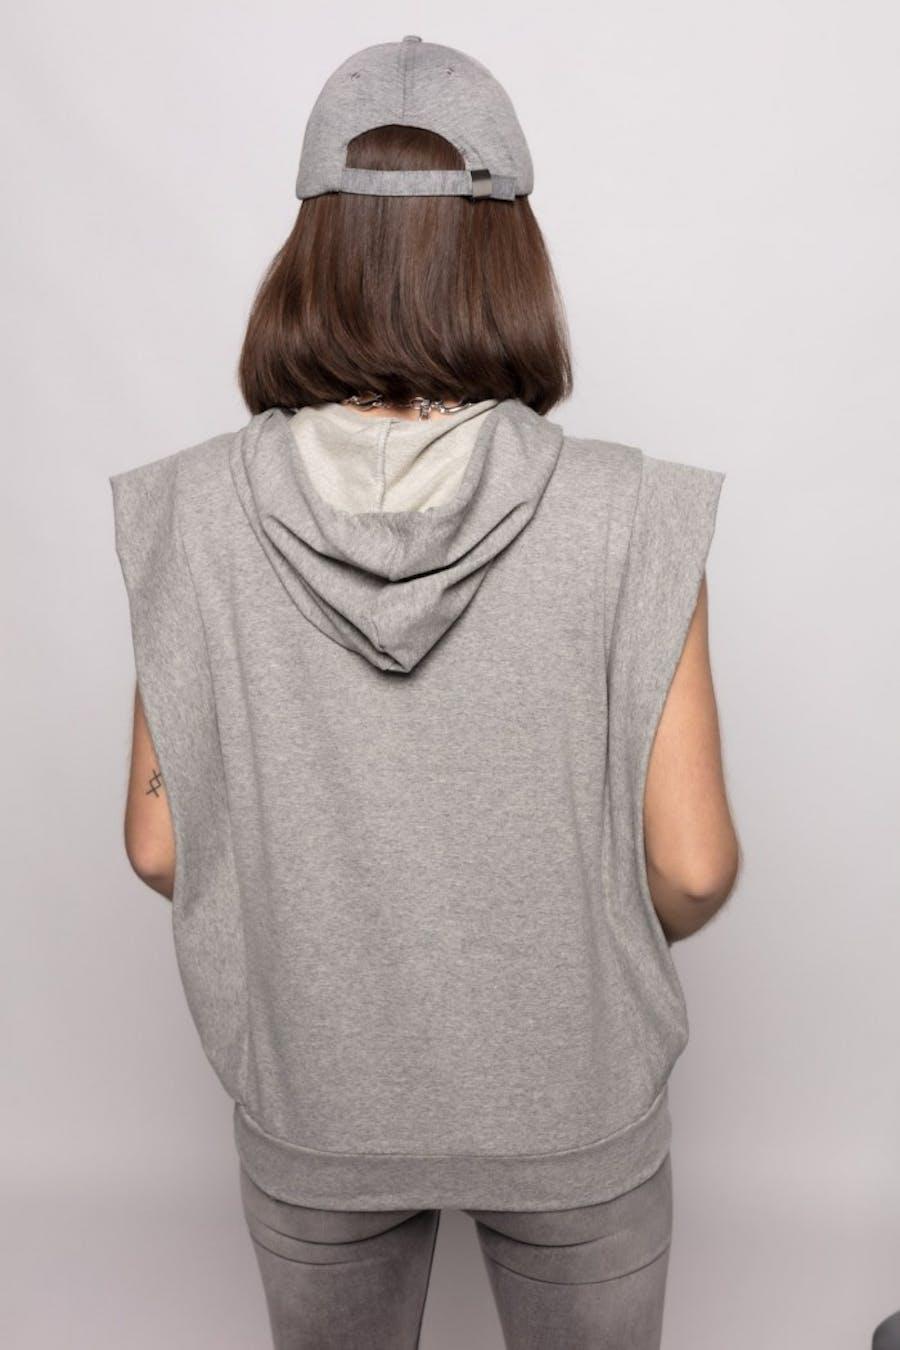 Camiseta Cassual capucha cordón Gris